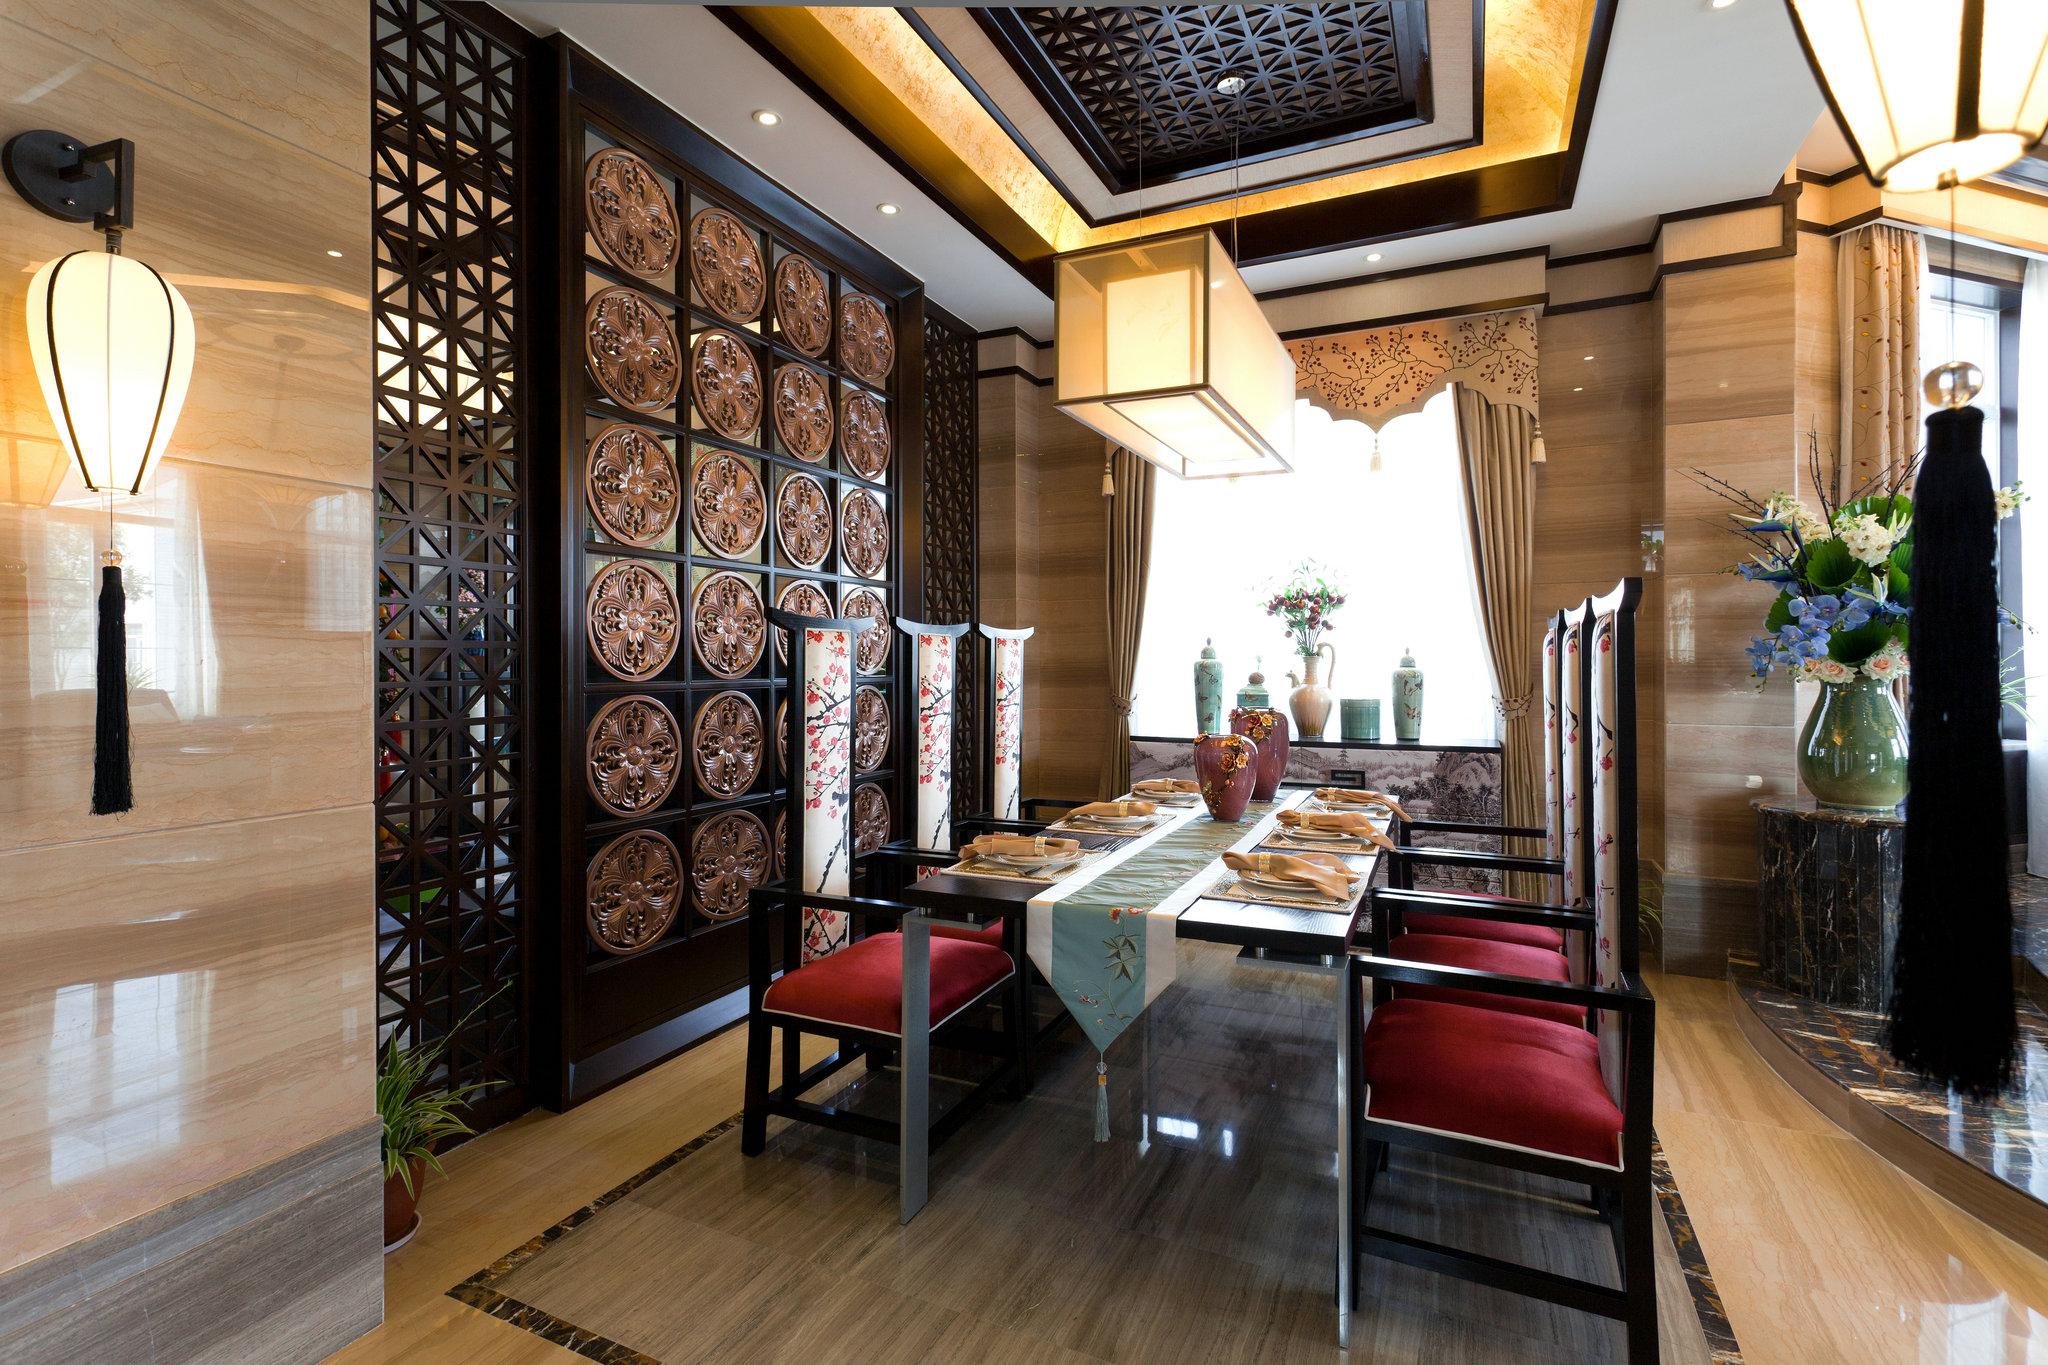 欧香名邸 别墅装修 中式风格 腾龙设计 餐厅图片来自孔继民在欧香名邸别墅装修完工实景作品的分享